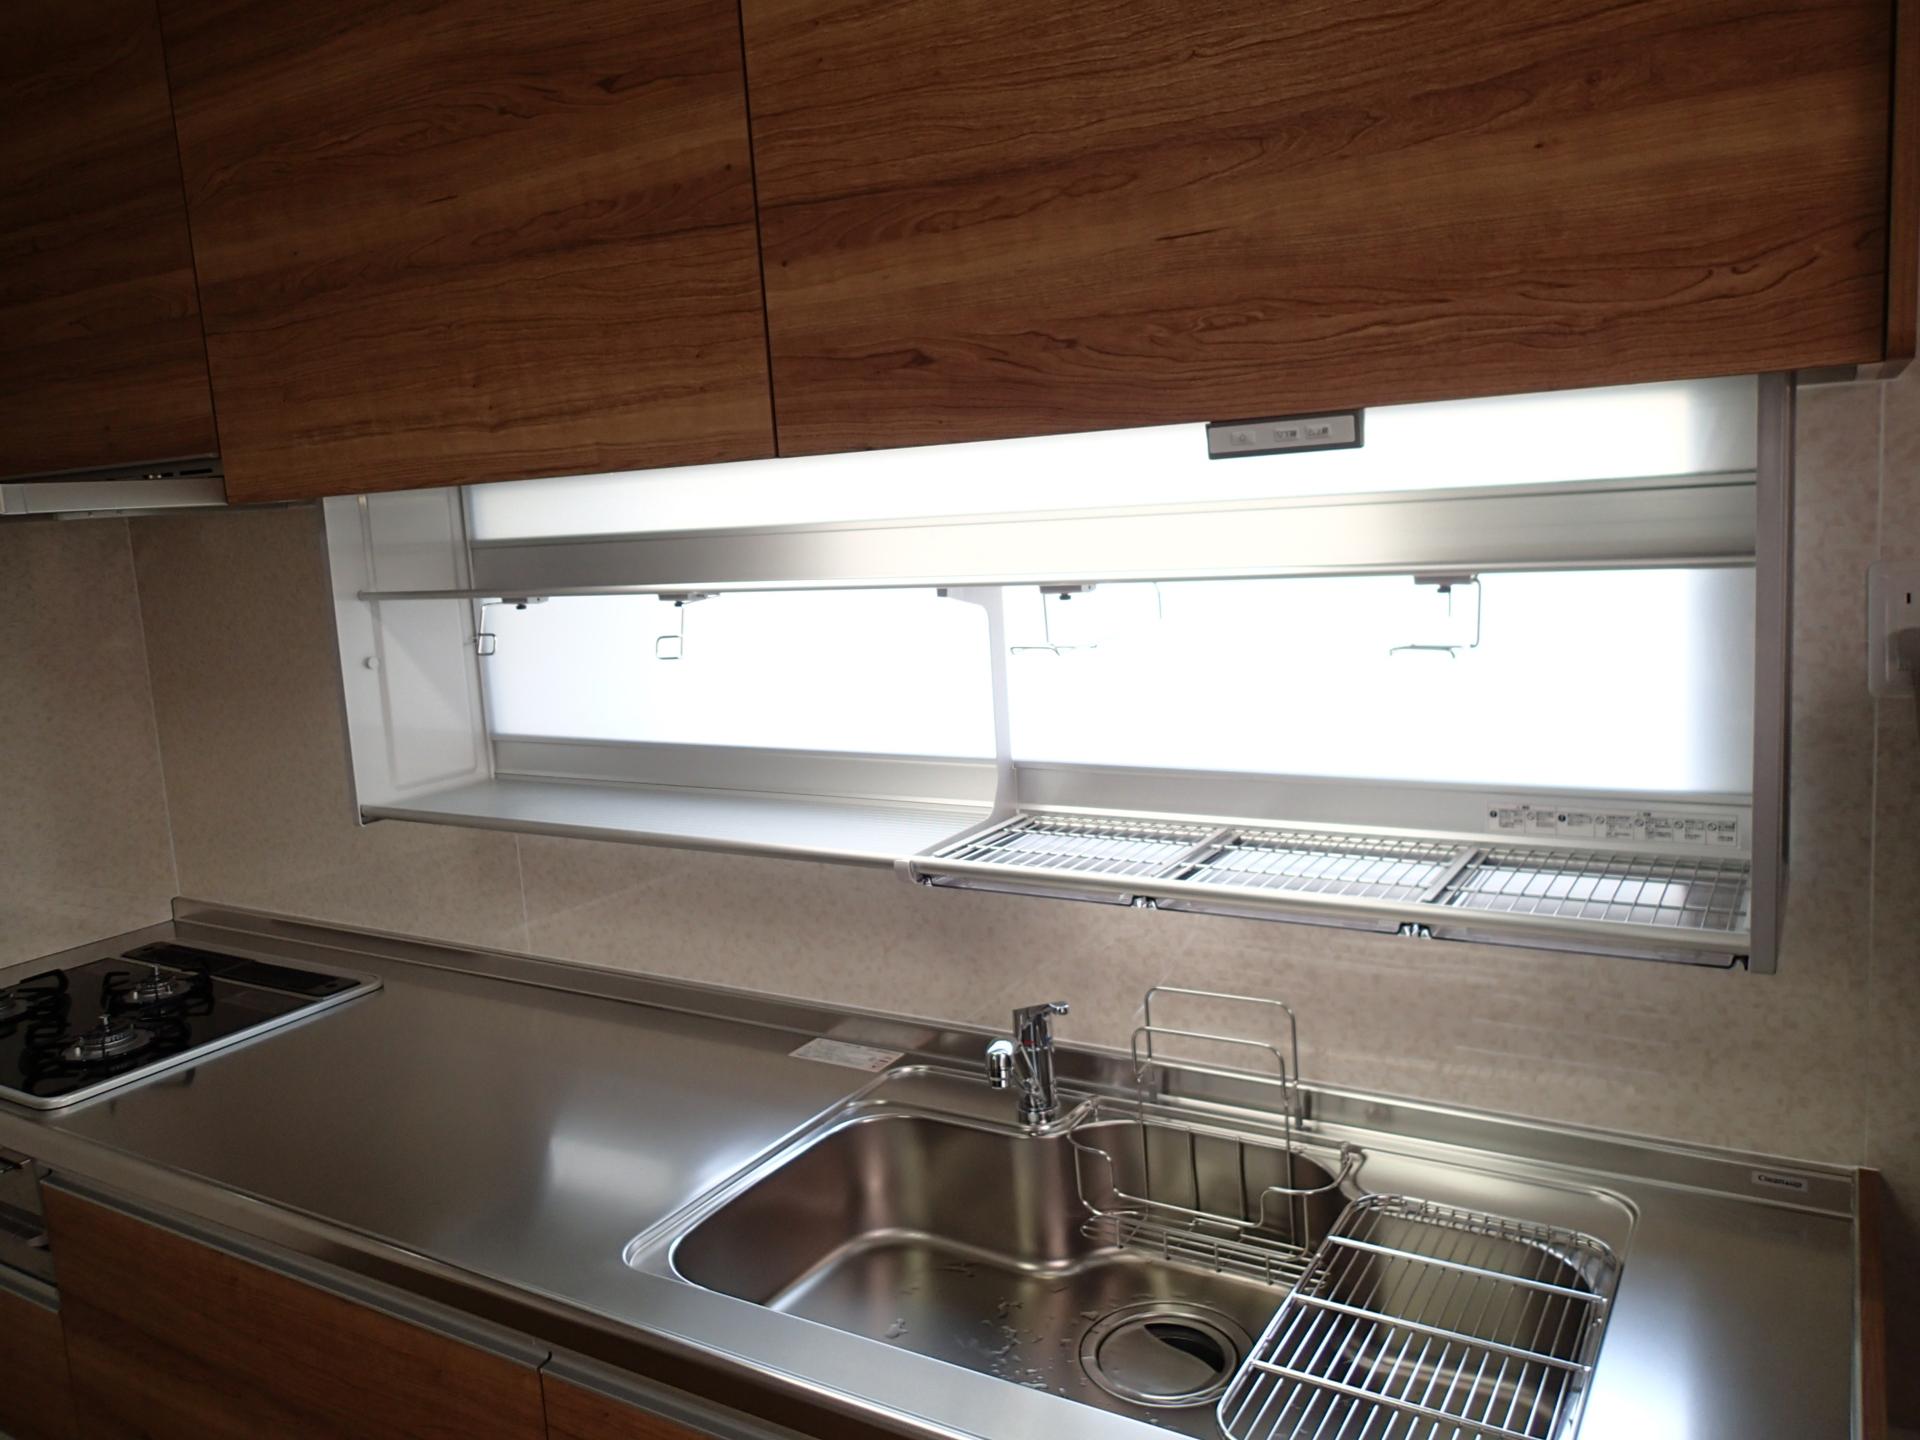 電動昇降型の吊戸棚で使いにくかった吊戸棚も有効活用できそうです